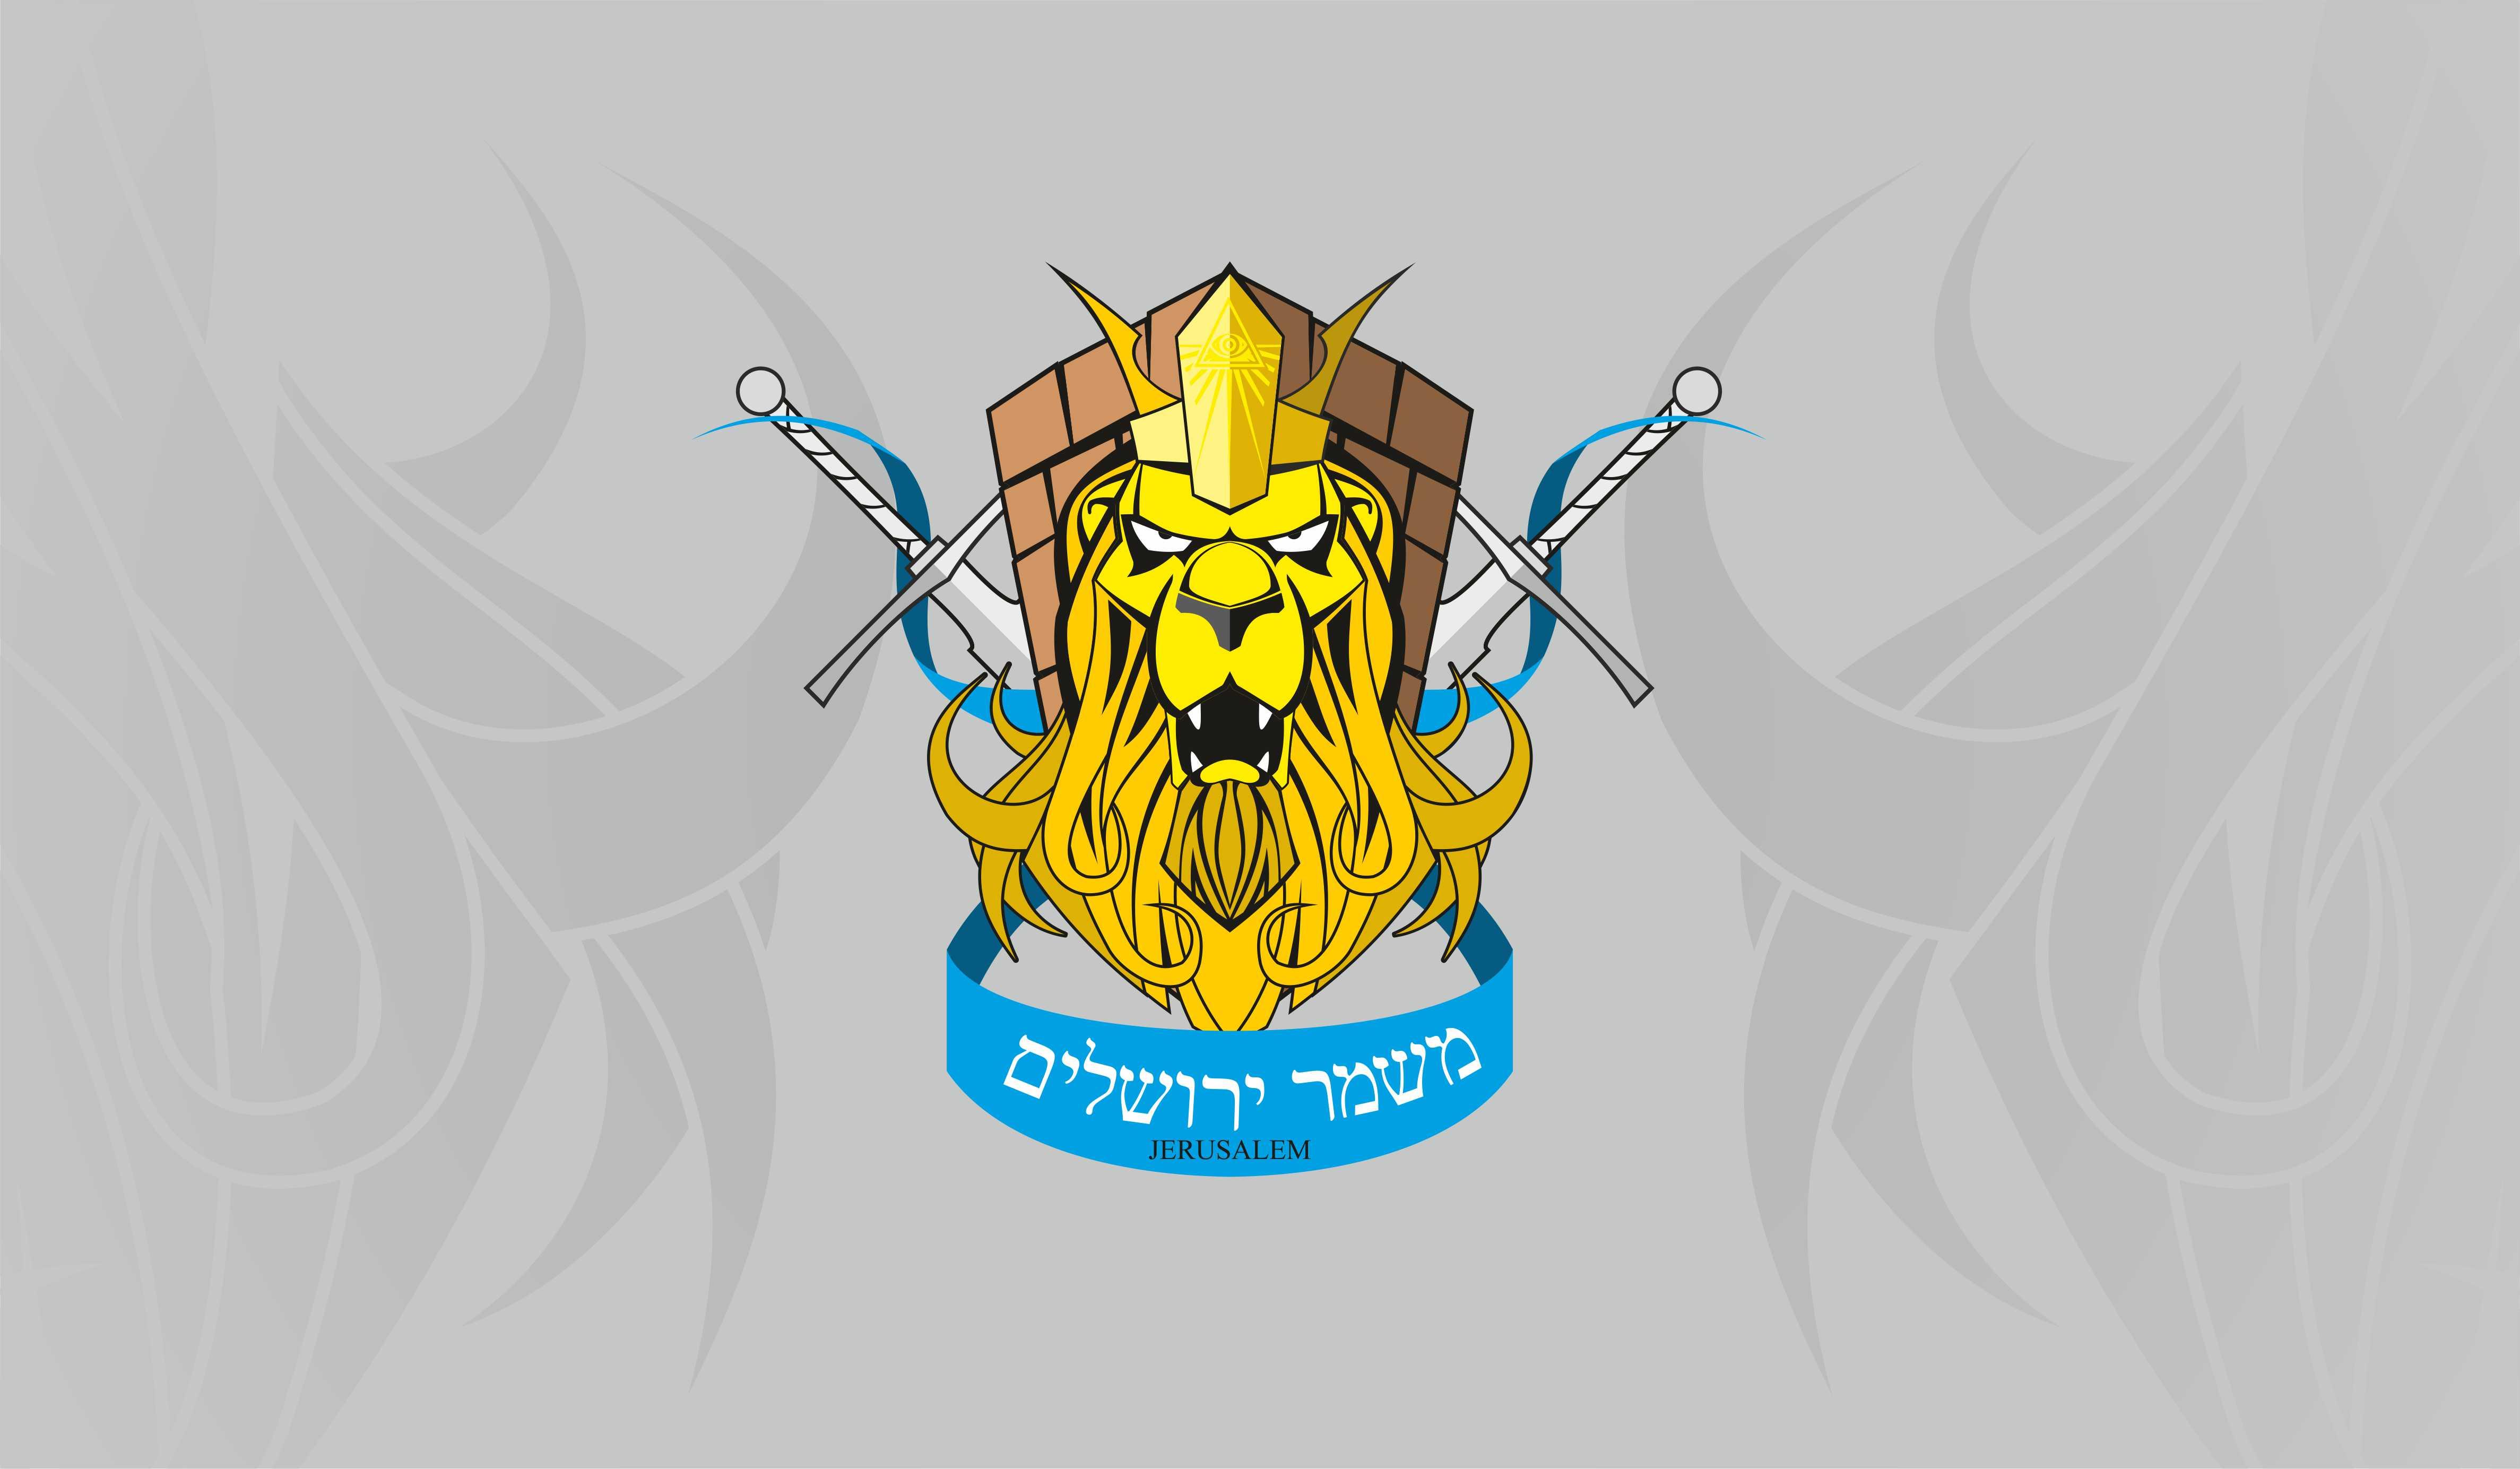 Разработка логотипа. Компания Страж Иерусалима фото f_774520b6b41a6ea4.jpg